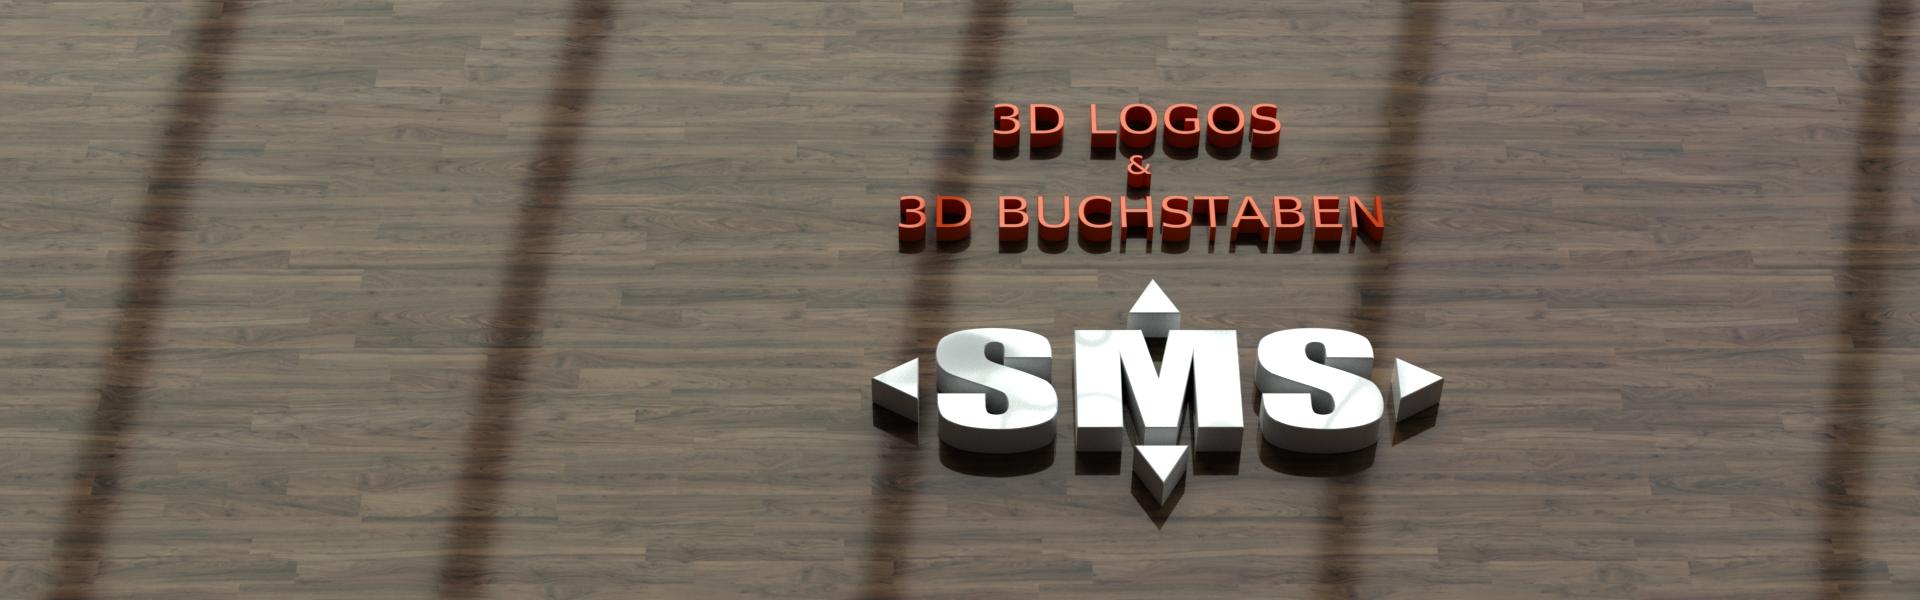 Herstellung von 3D Buchstaben und 3D Logos für Ihre Werbung